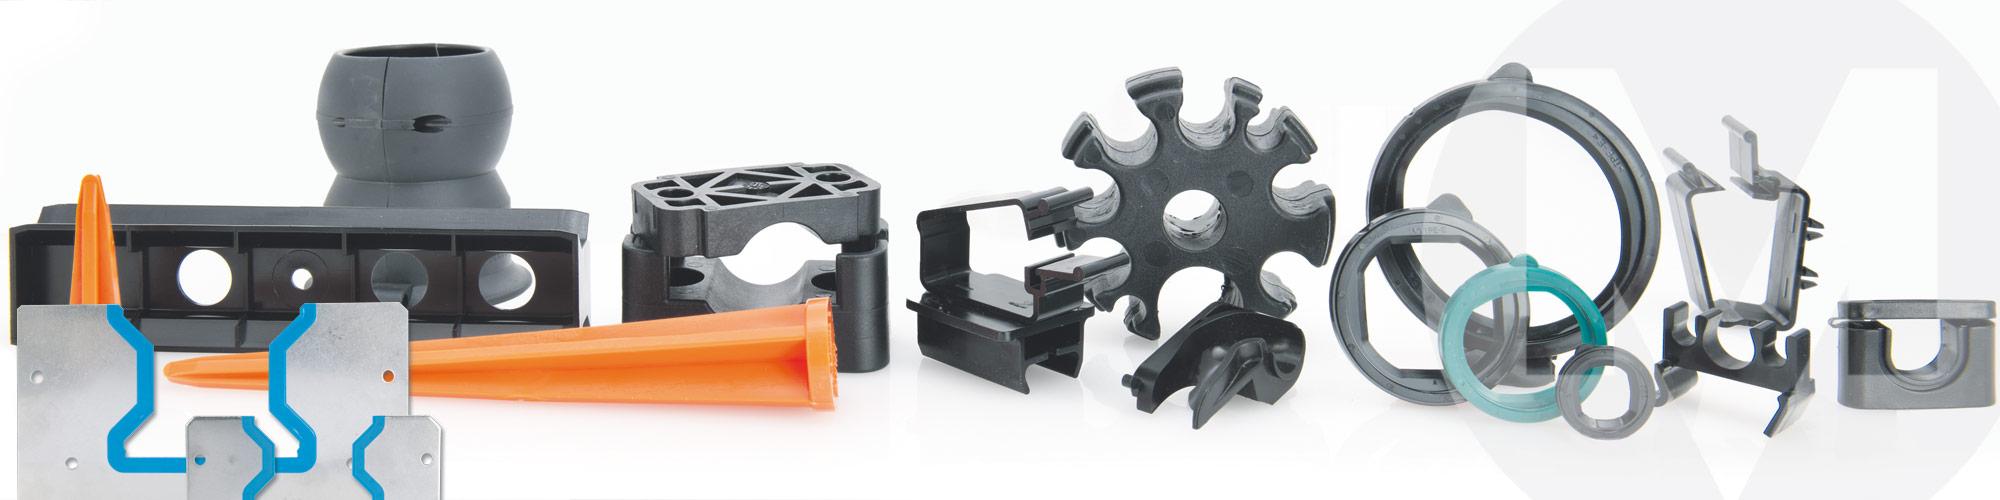 Kunststoff-Spritzteile und umspritzte Metallkomponenten